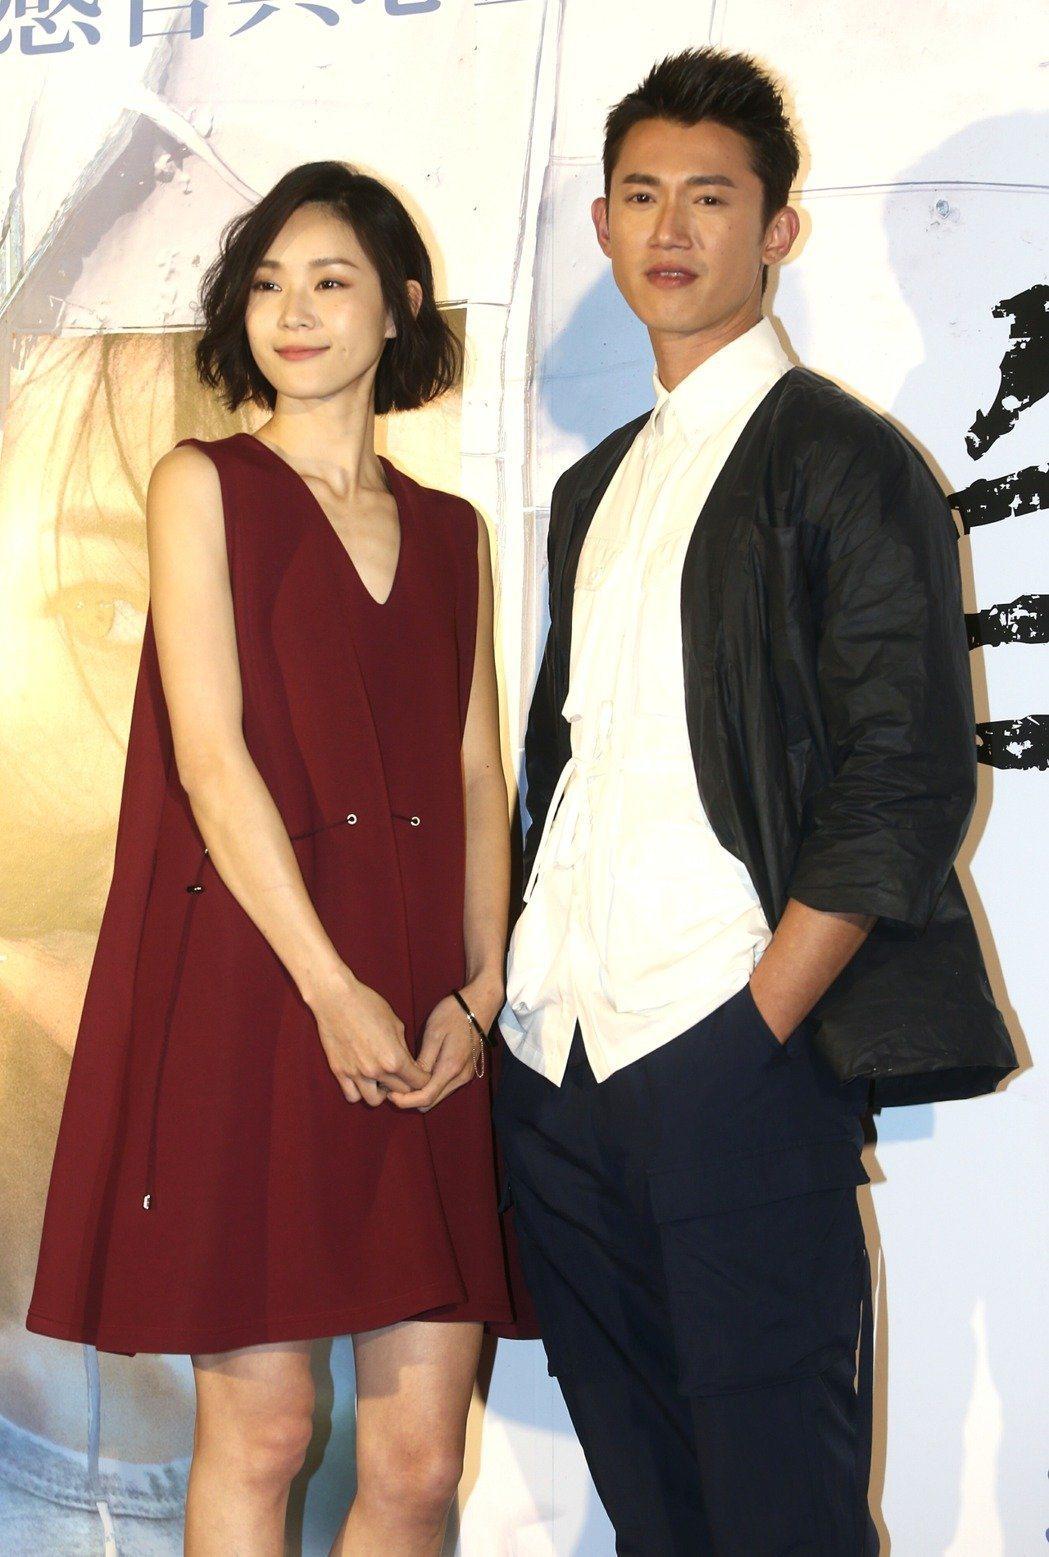 吳慷仁(右)與鍾瑶的戀情一度被認為好事近了。圖/聯合報資料照